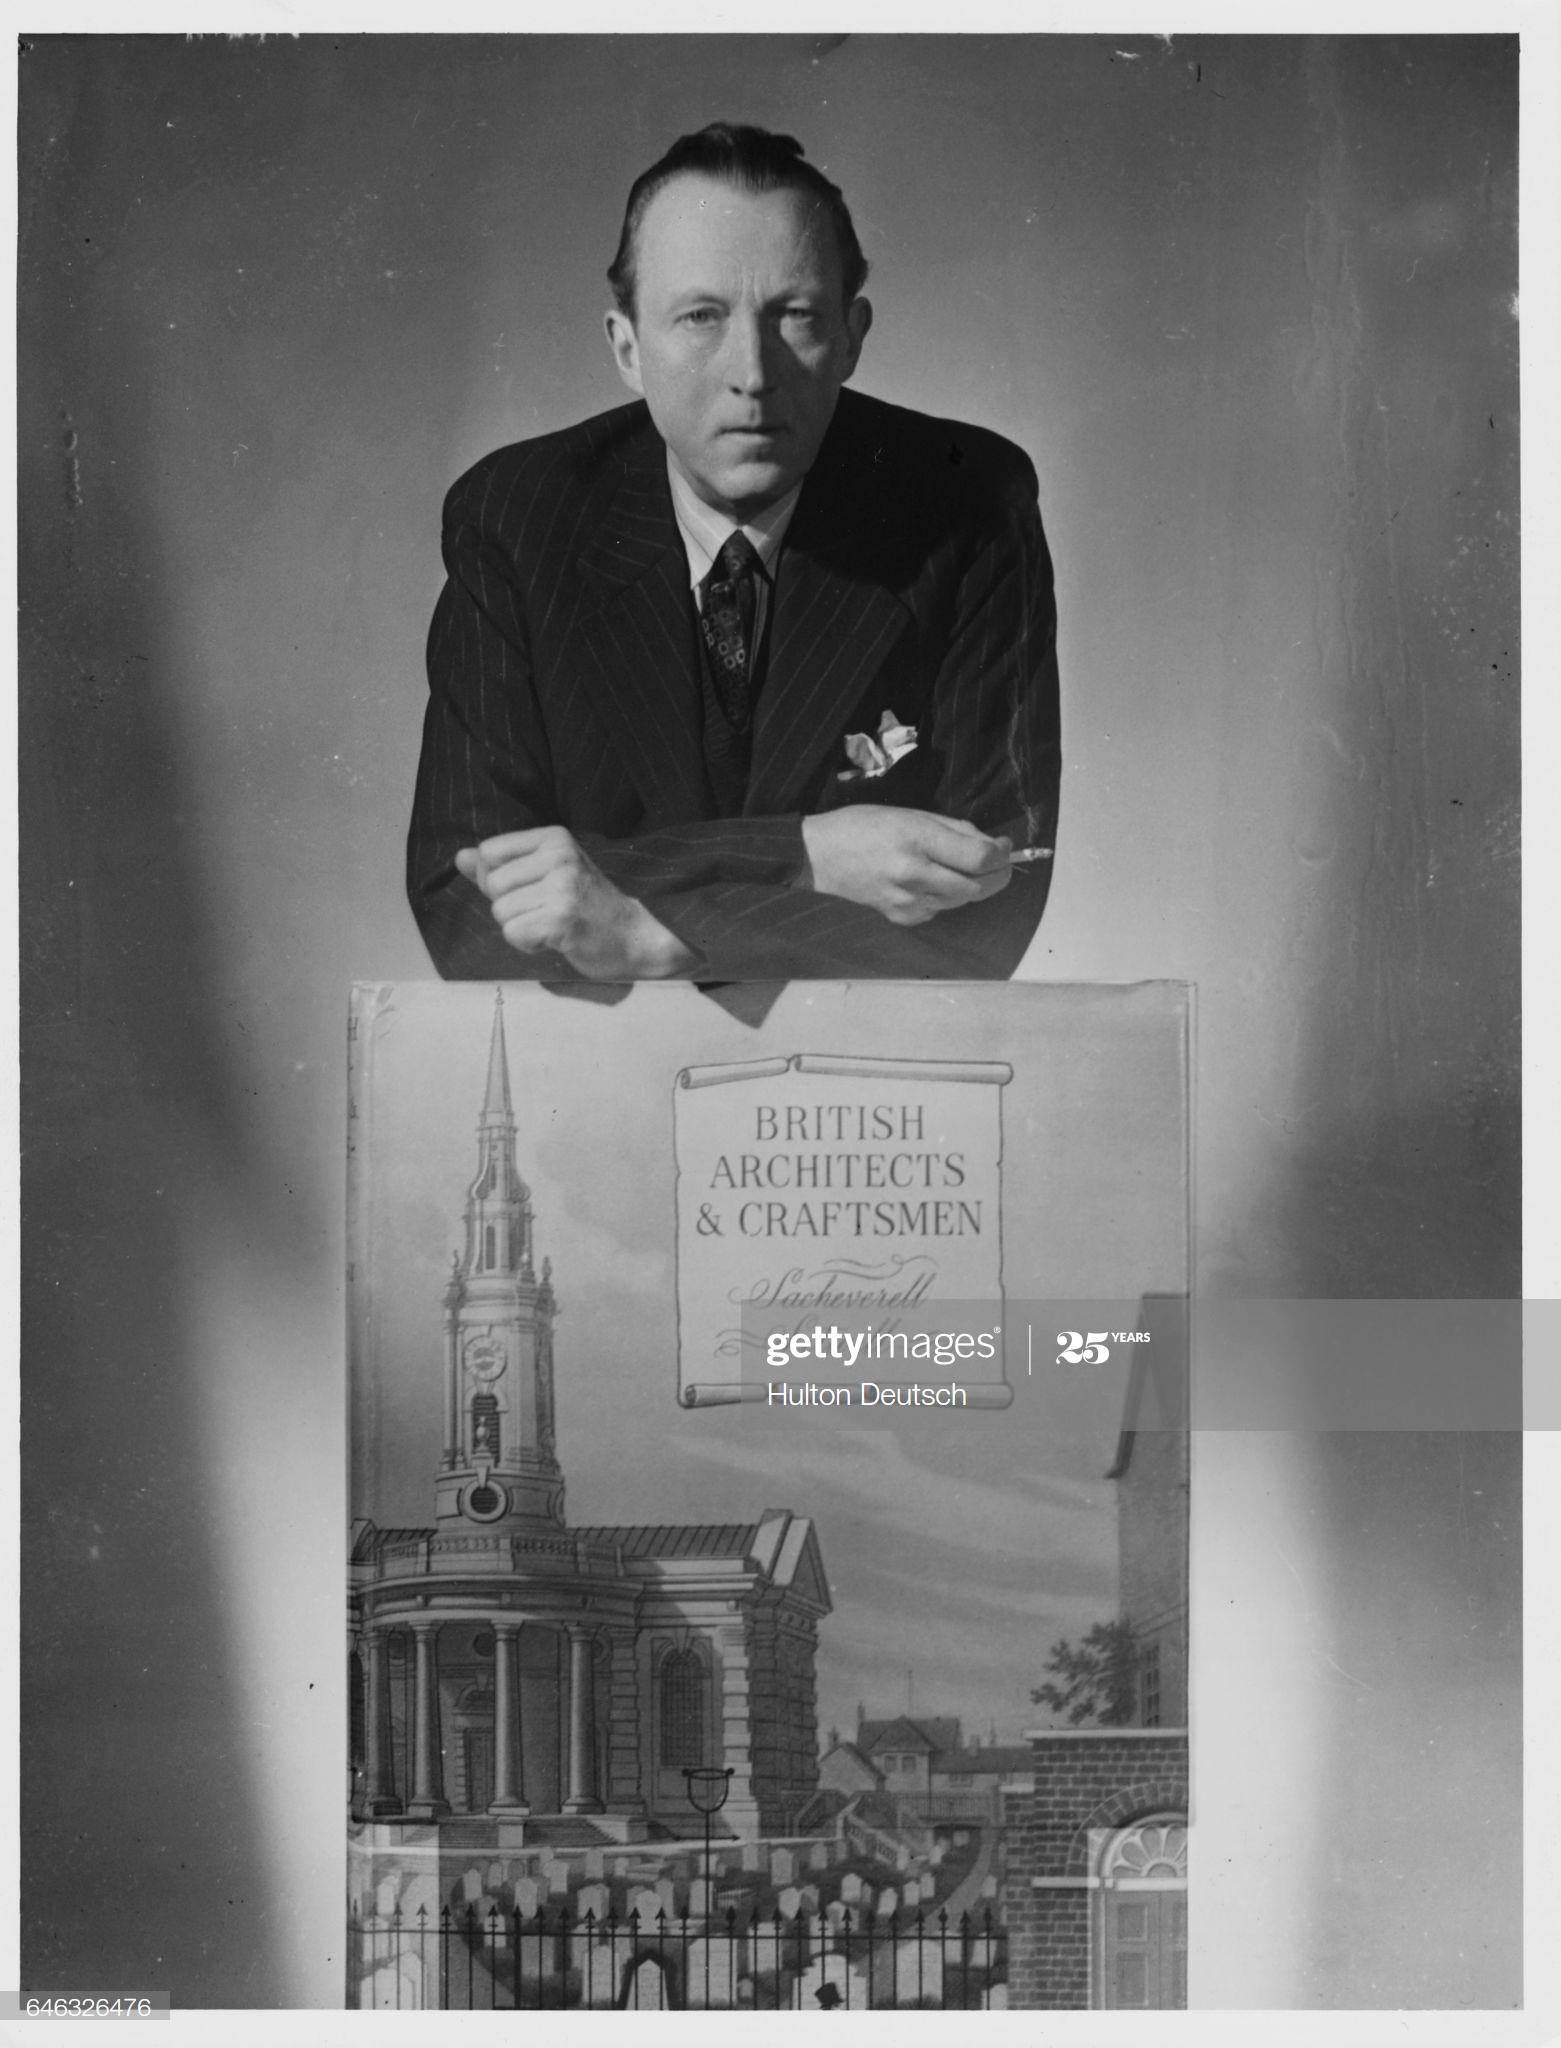 Сачеверелл Ситуэлл с рекламным плакатом его книги «Британские архитекторы и ремесленники».